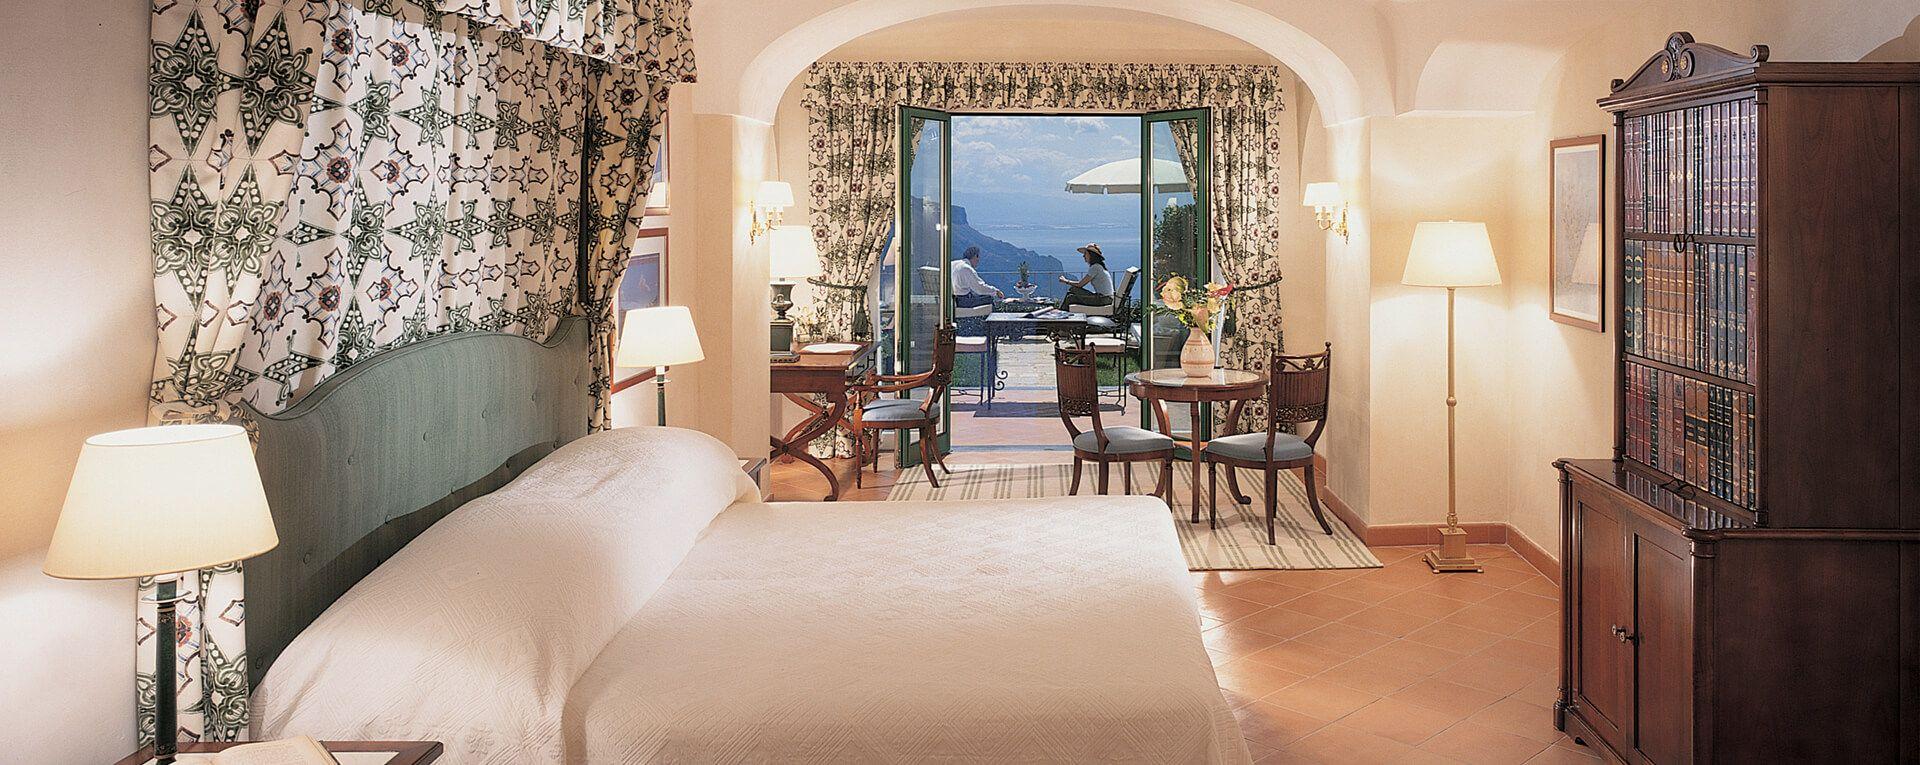 Belmond Hotel Caruso, Ravello